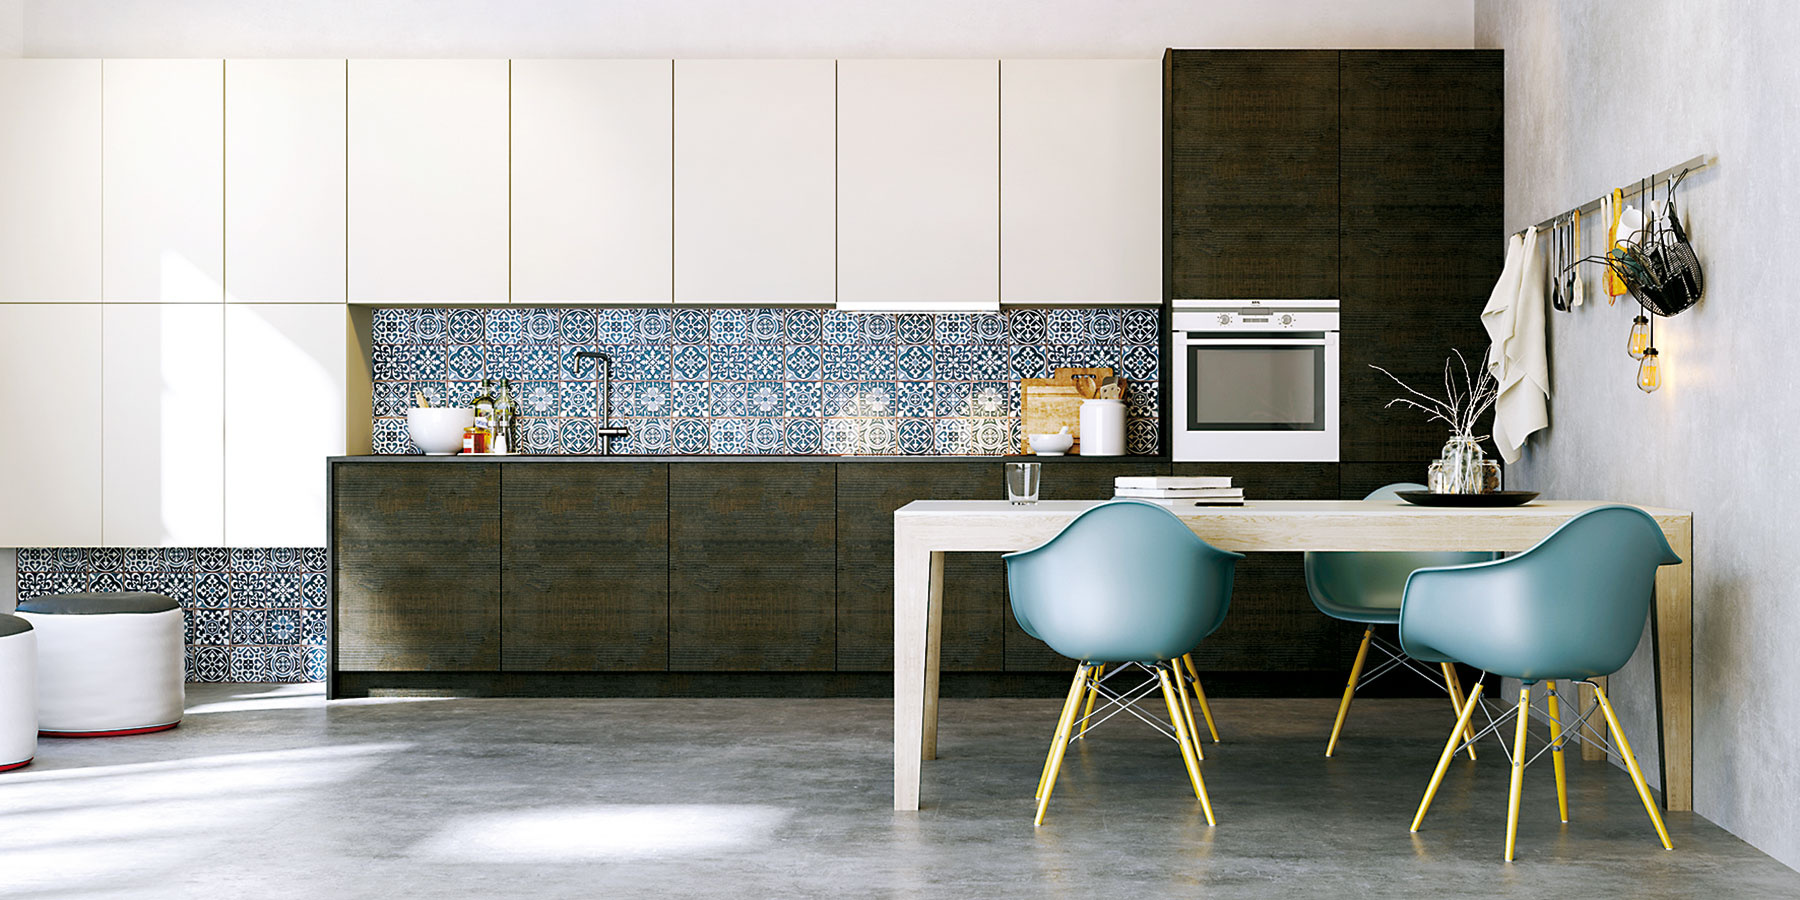 Jedálenský stôl v akejkoľvek podobe je pre obytnú kuchyňu kľúčový. Stôl JS32 od Firmy HANÁK v príjemnom dubovom vyhotovení harmonicky dotvorí modernú kuchynskú linku. Predáva Merito.